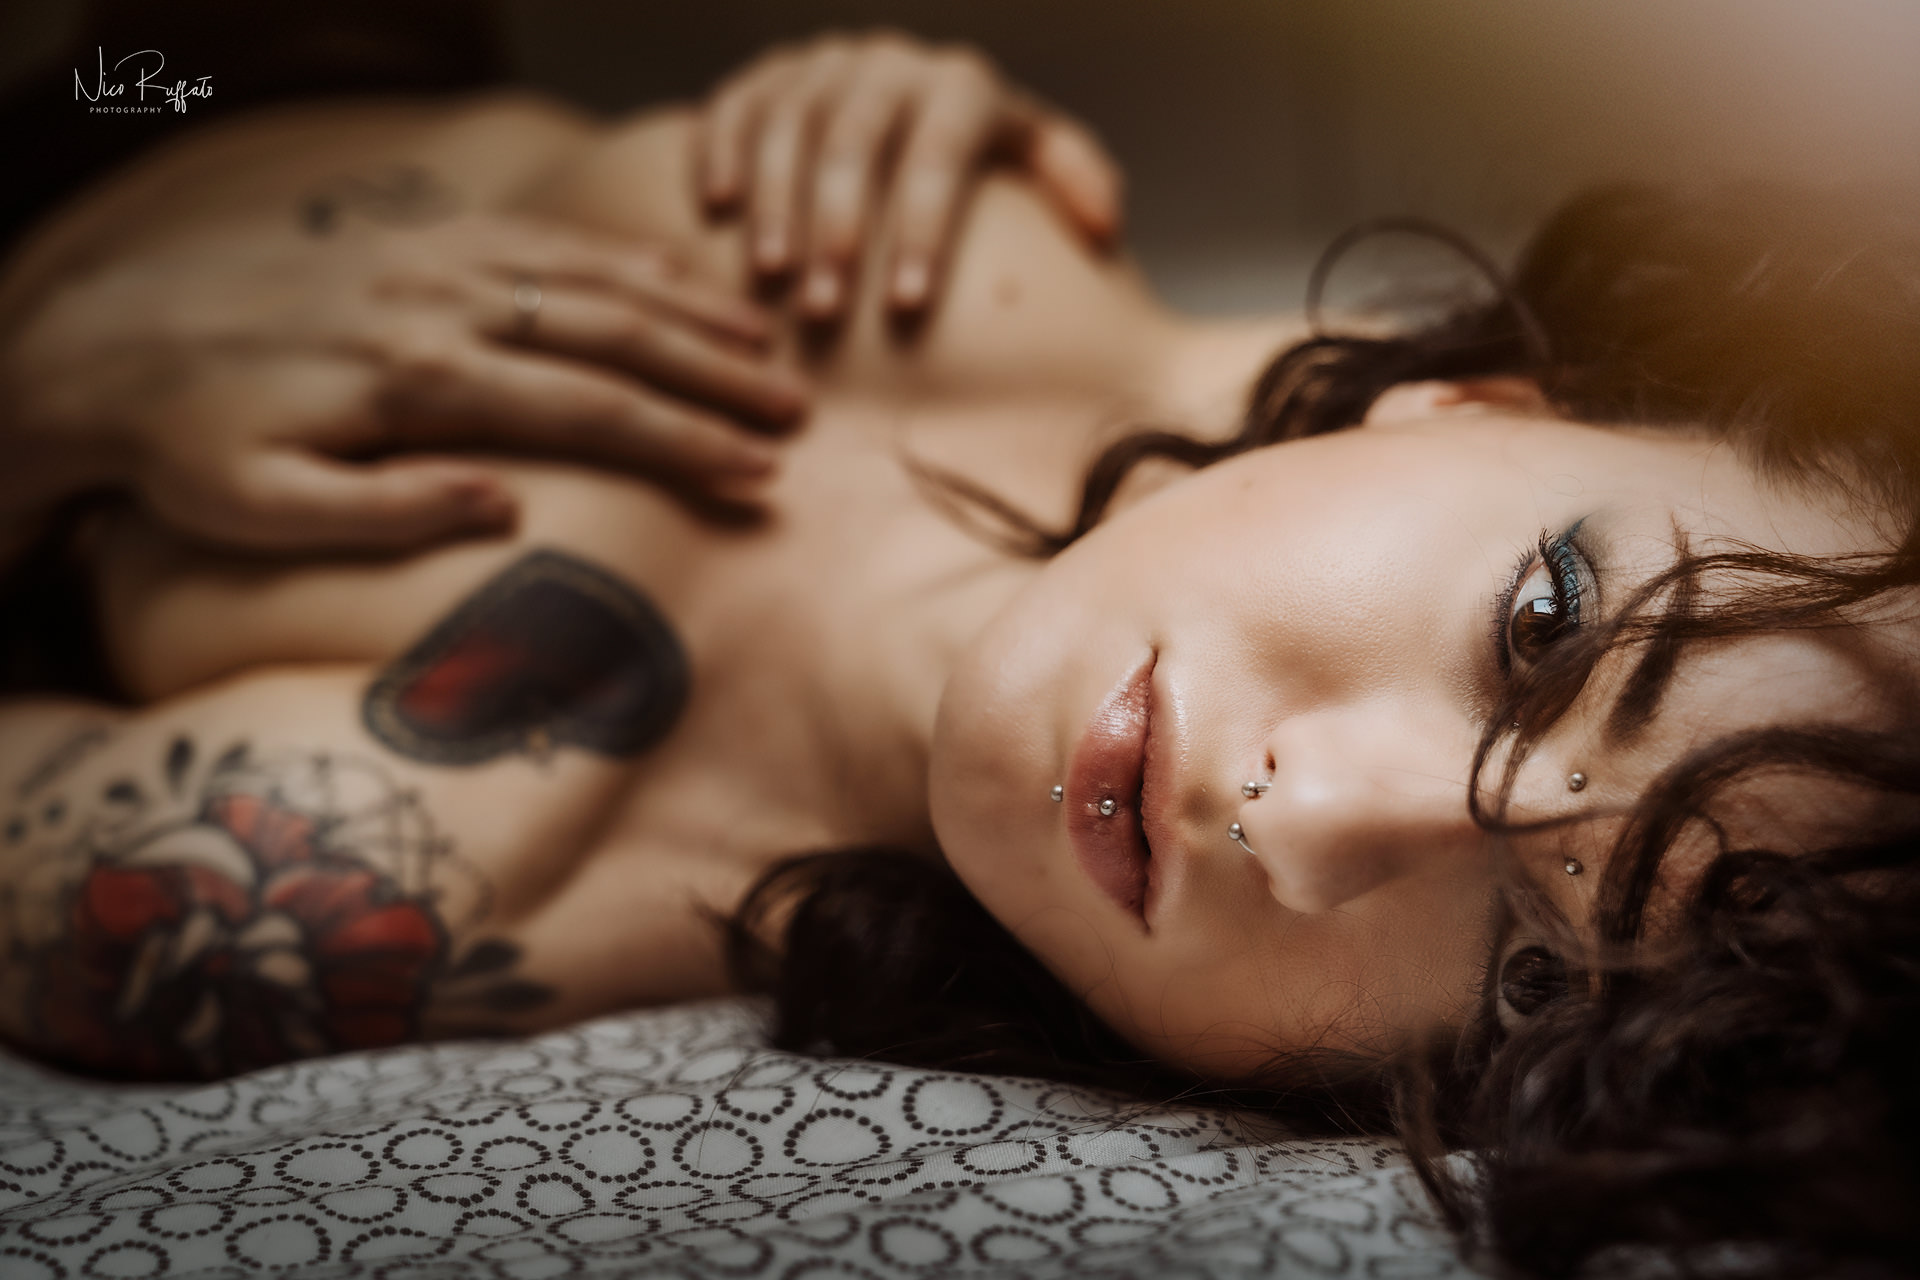 Categorie: Photographer: NICO RUFFATO; Model: VERONICA GATTI; Location: Milano, MI, Italia